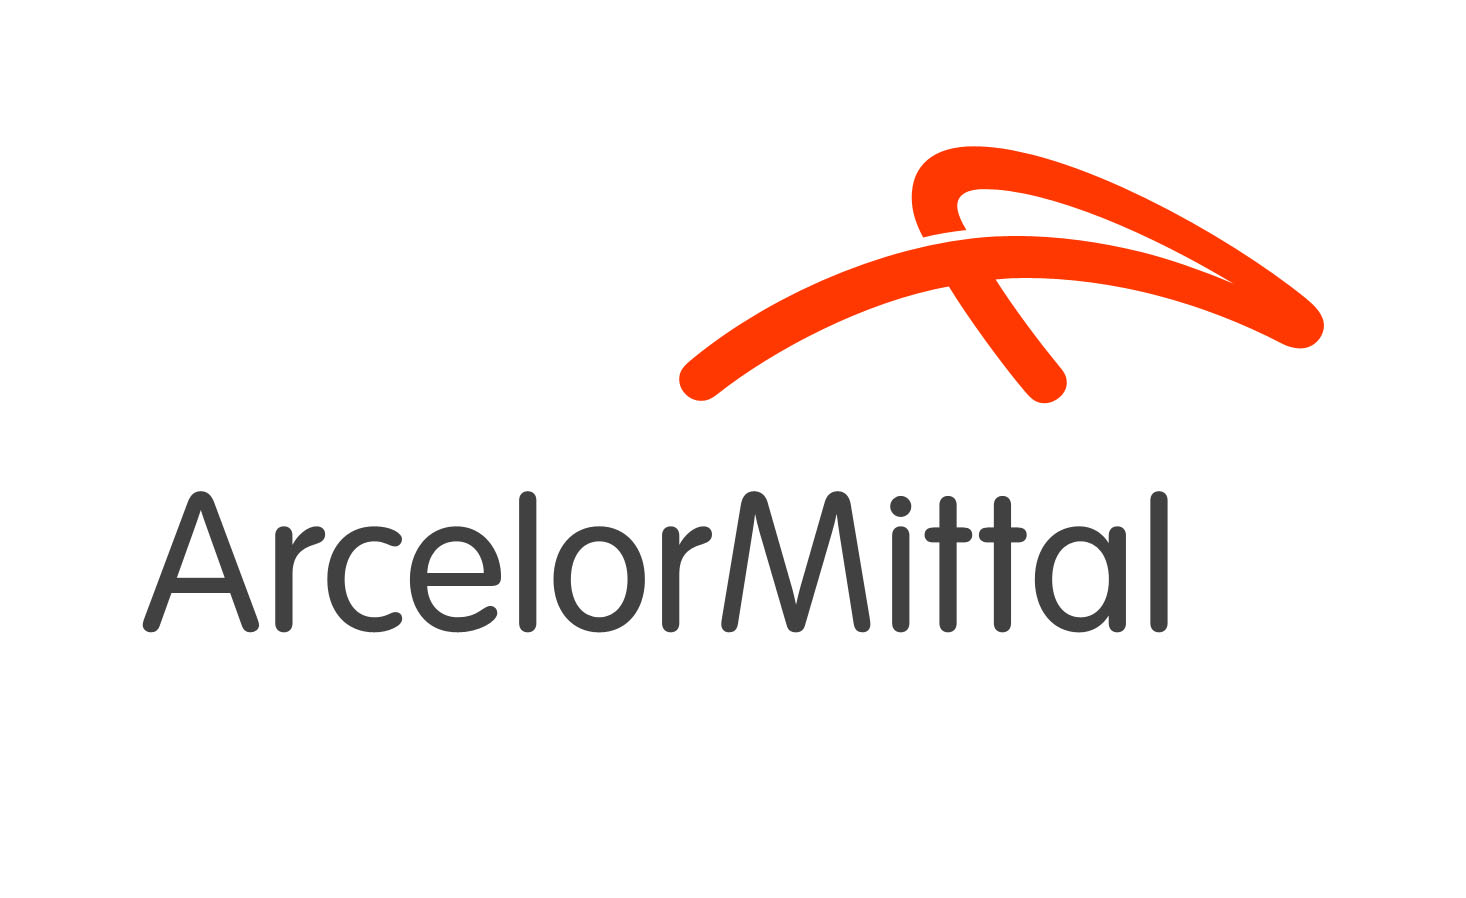 ArcelorMittal Acindar